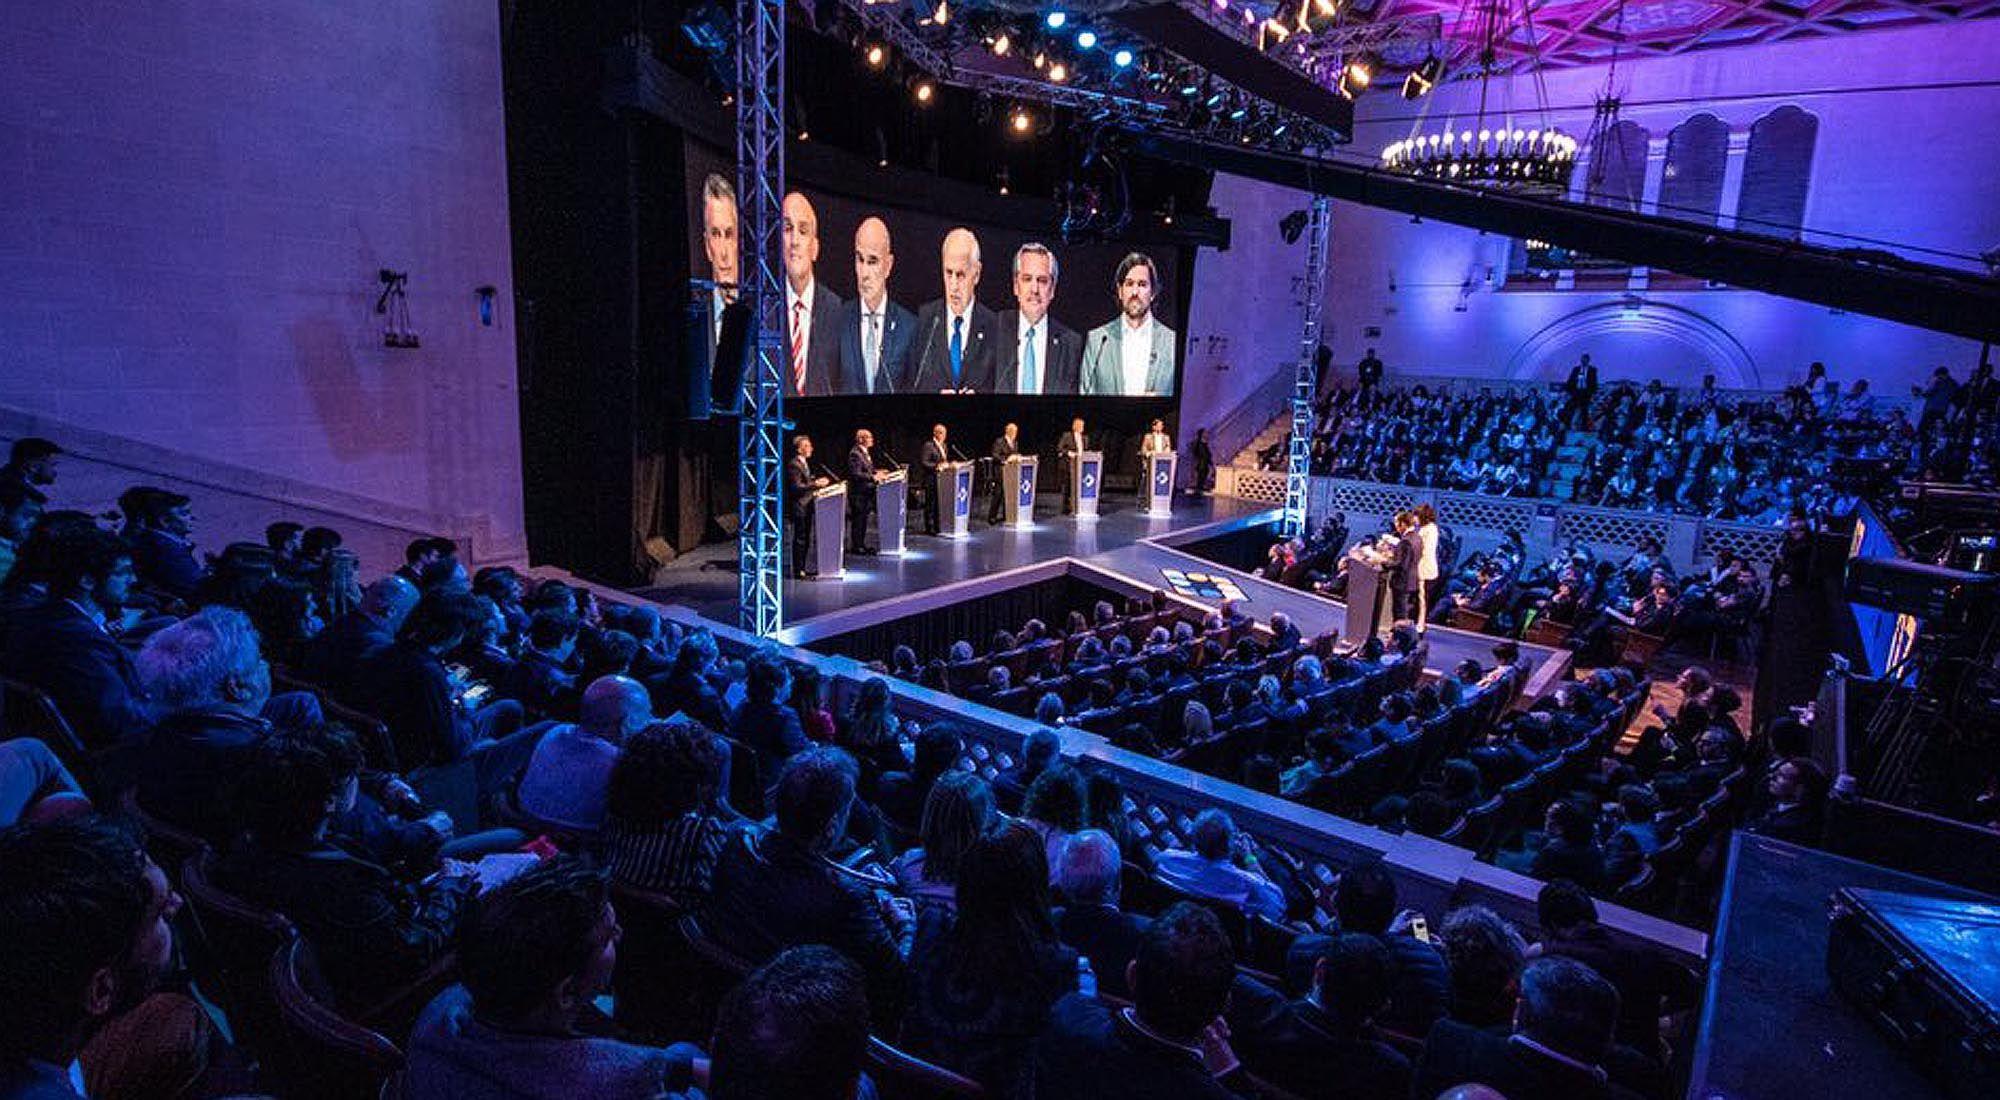 Vista general durante el debate en el Paraninfo de la UNL.